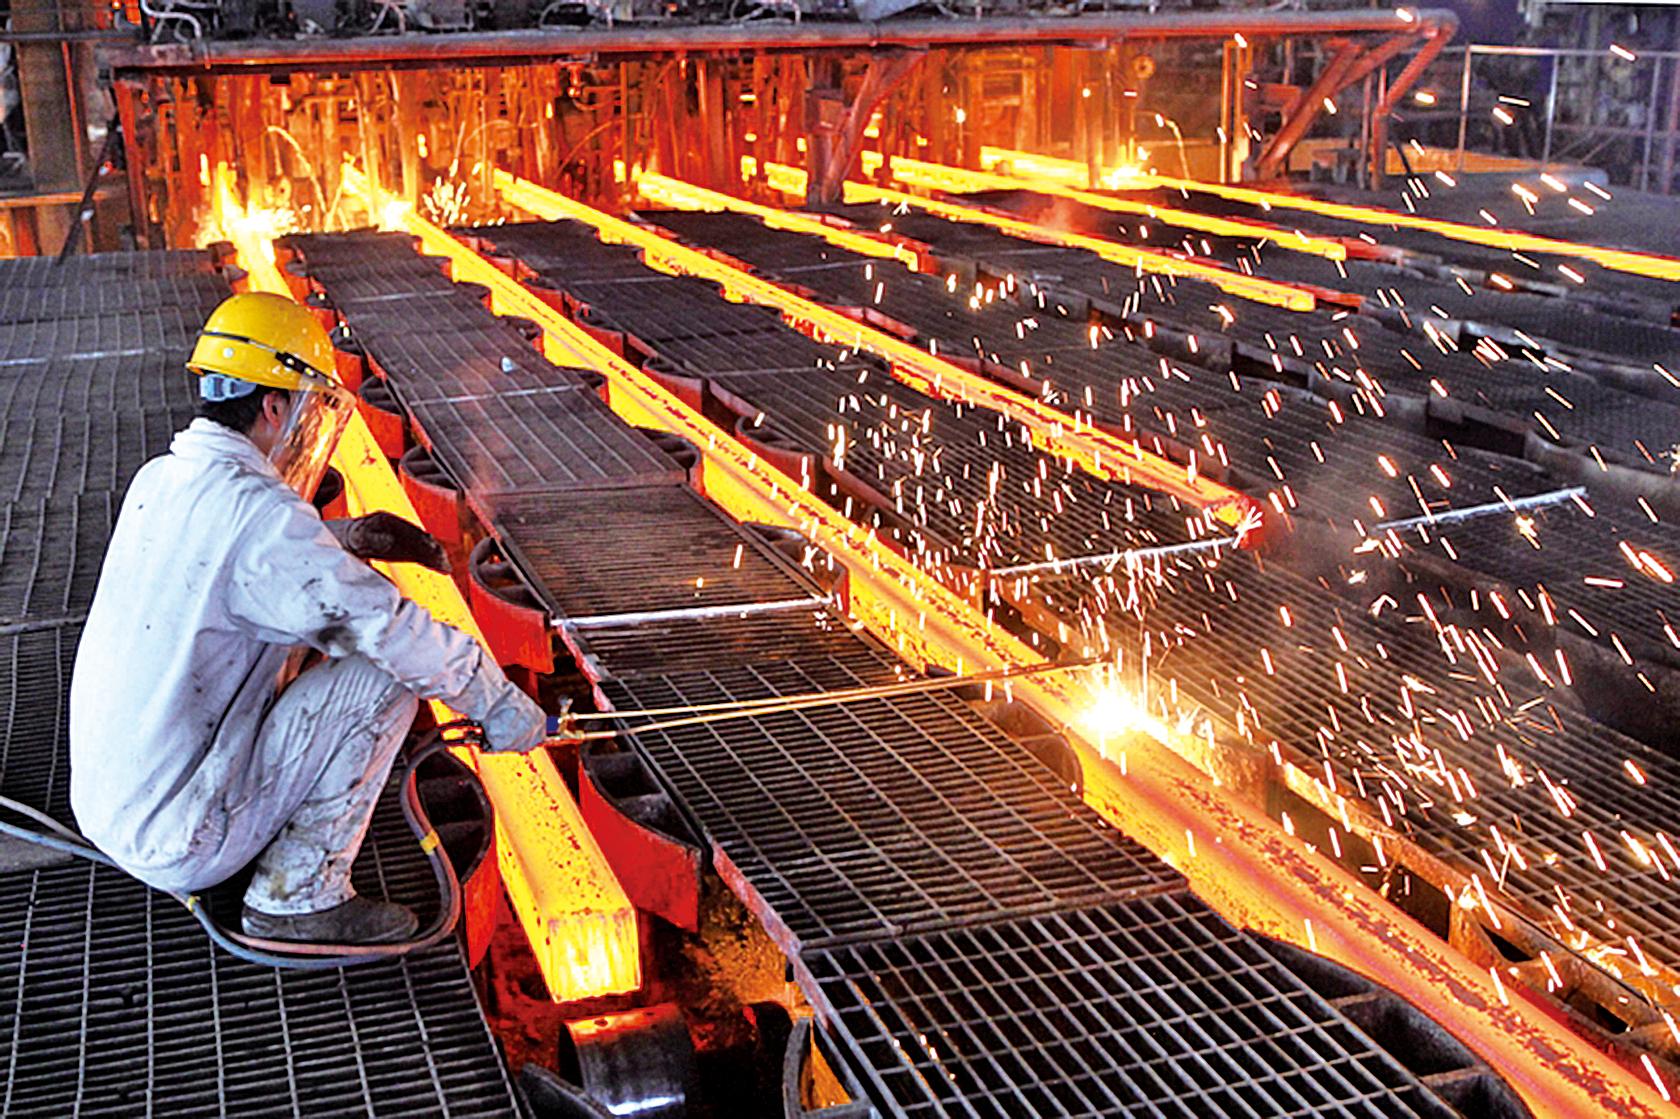 因為產能過剩嚴重,債券違約主要集中在鋼鐵、建築與工程、建材等行業,而事實上,國企方面極為堪憂。(Getty Images)